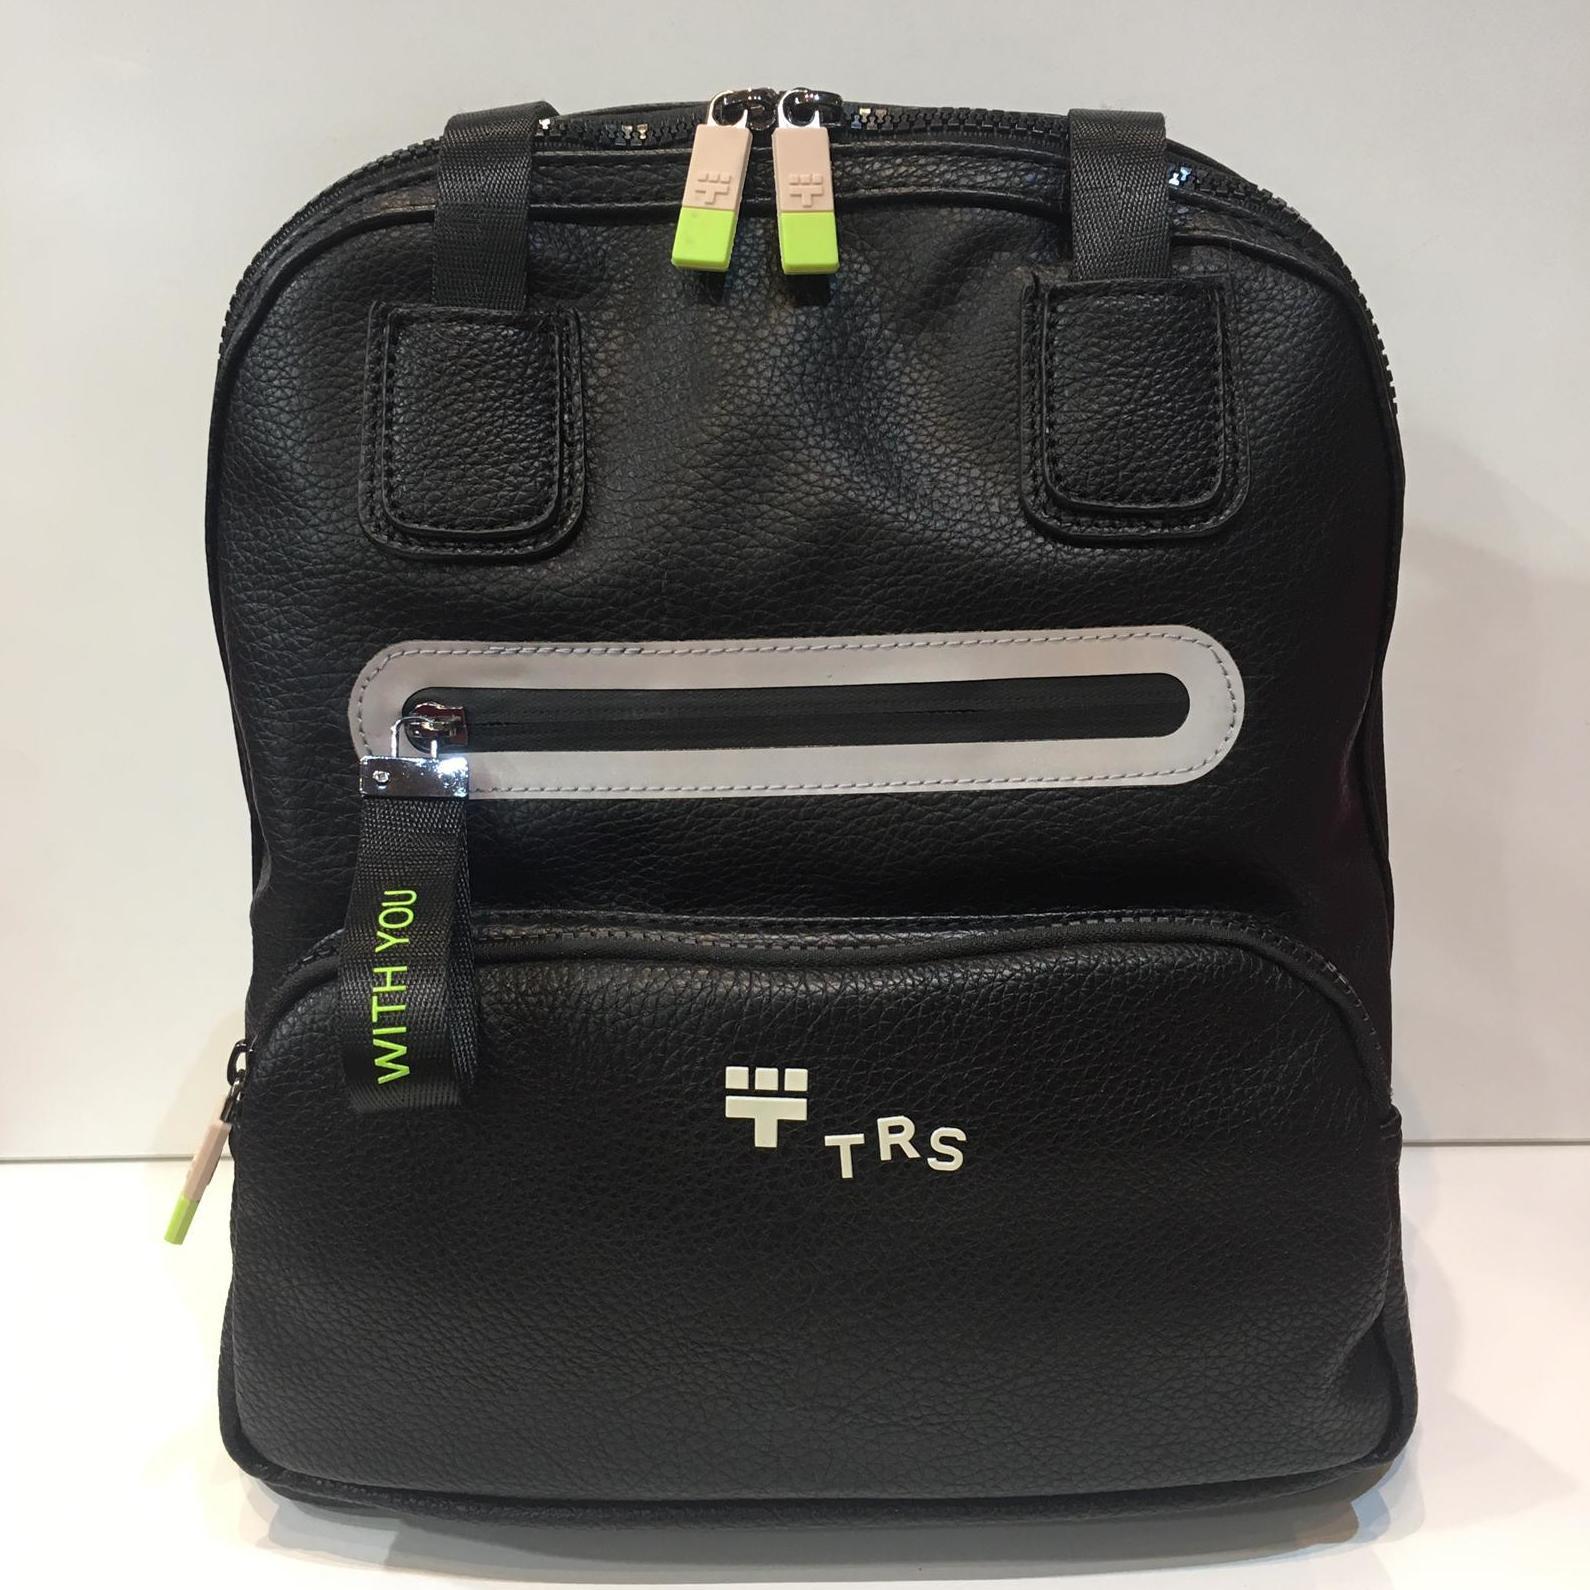 Bossa/Motxilla de la marca Torrens, tires adaptables a ser bossa i motxilla, disposa de molts apartats per organitzar les coses 48.50€